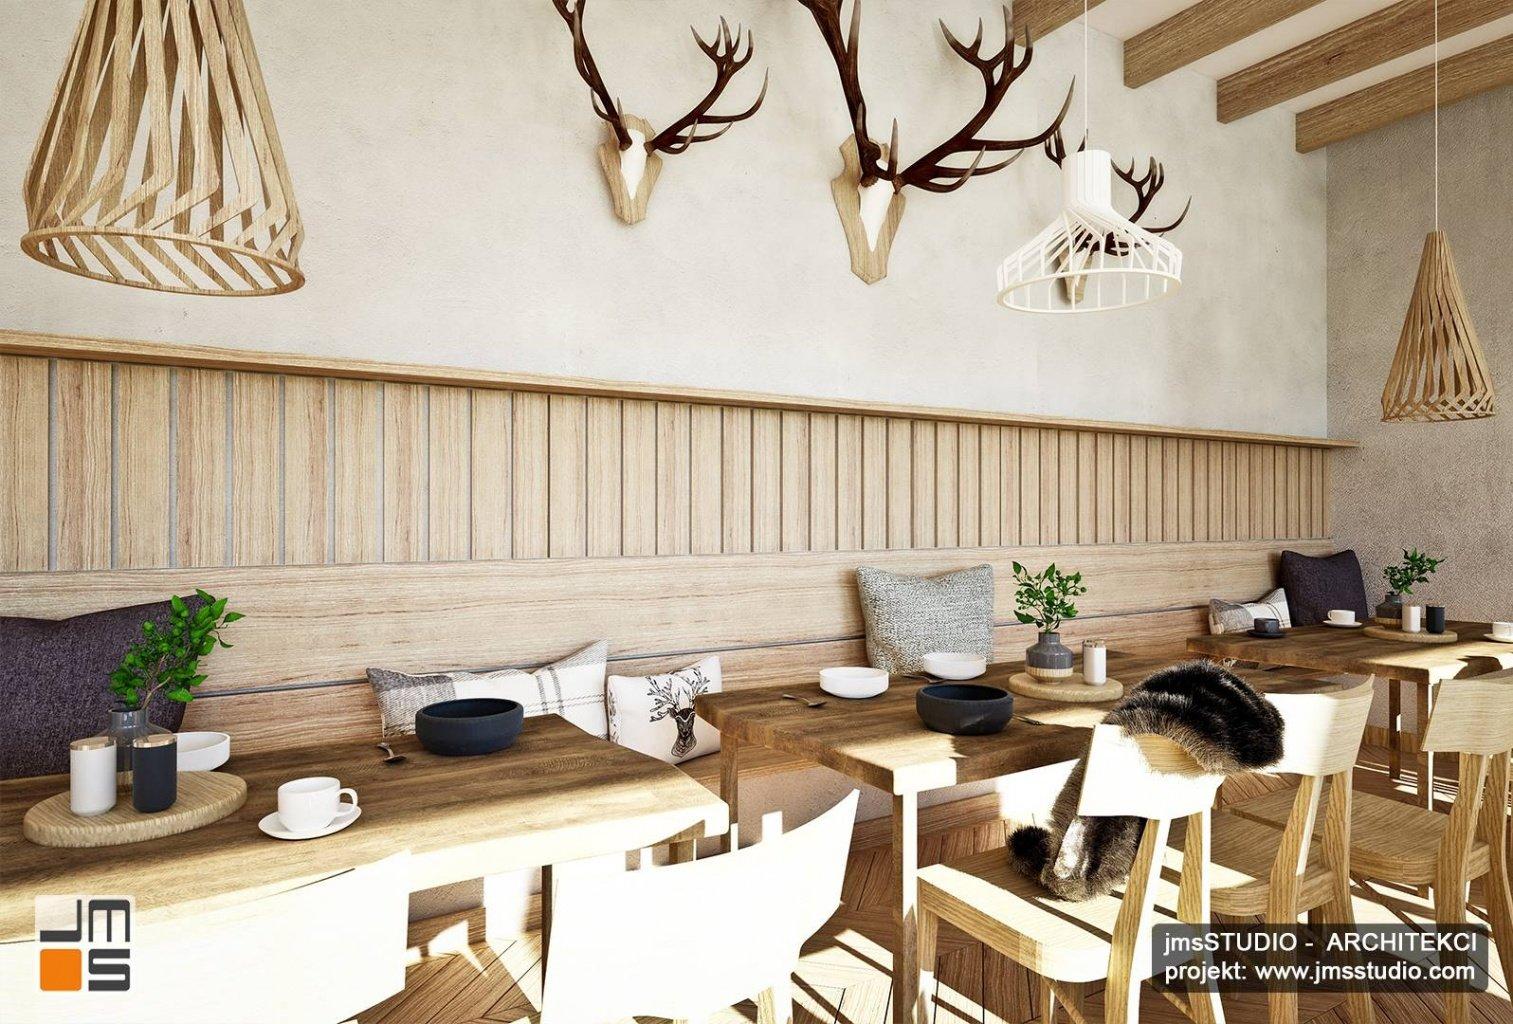 oryginalne lampy drewniane w projekt wnętrz restauracji regionalnej styl góralski z drewno na ścianie i trofea